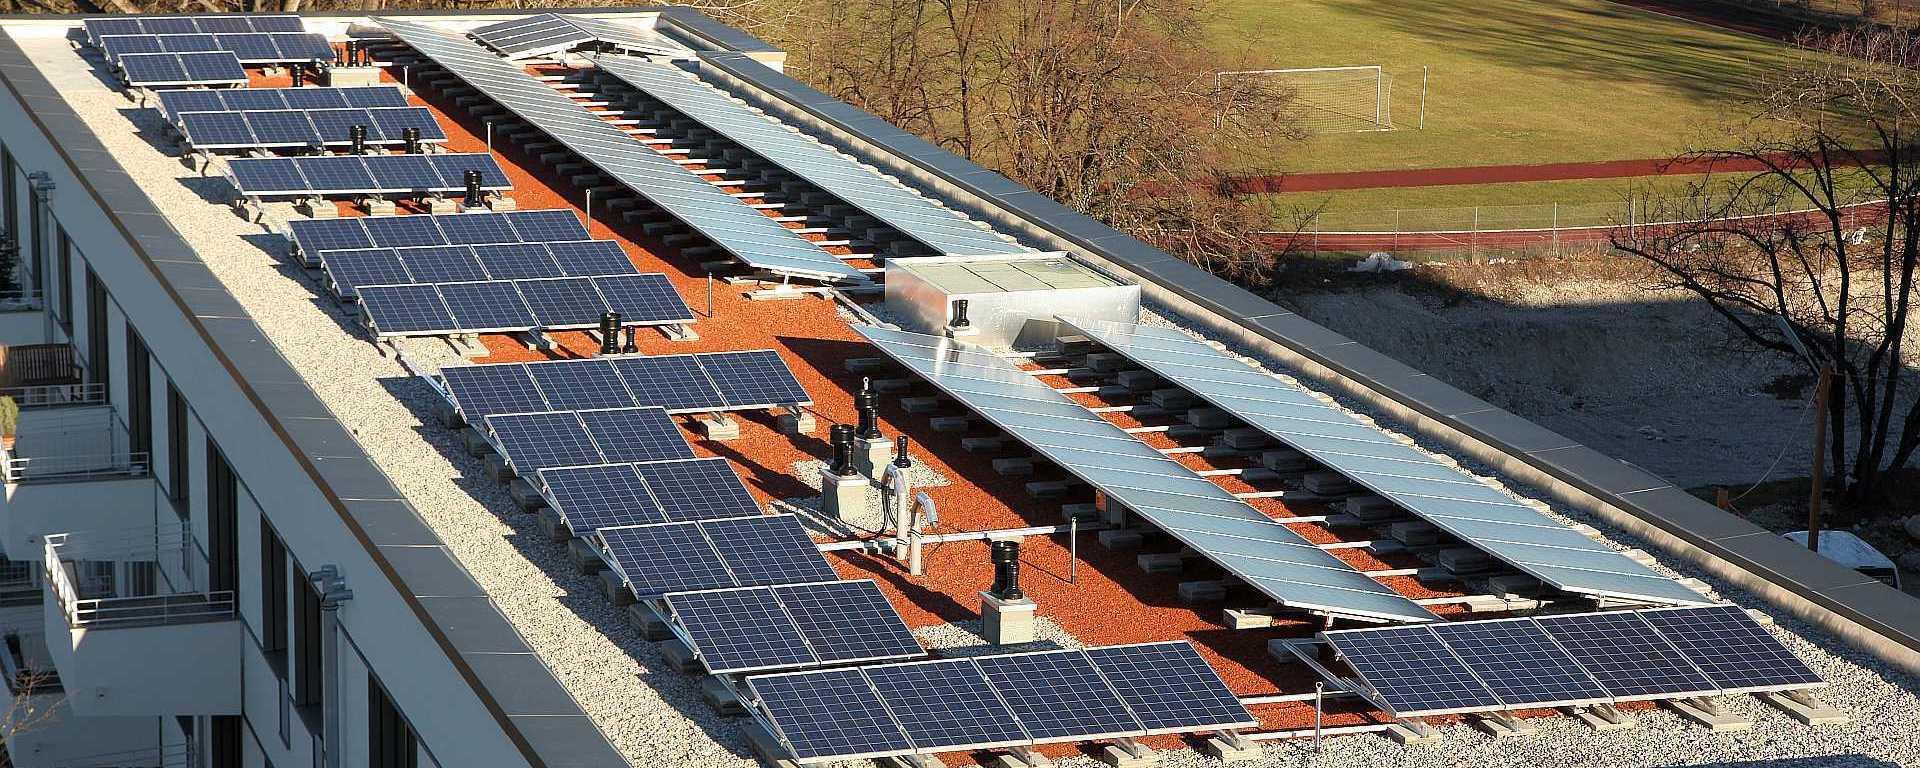 Günstige regenerative Energie für Mieter und Eigentümer.